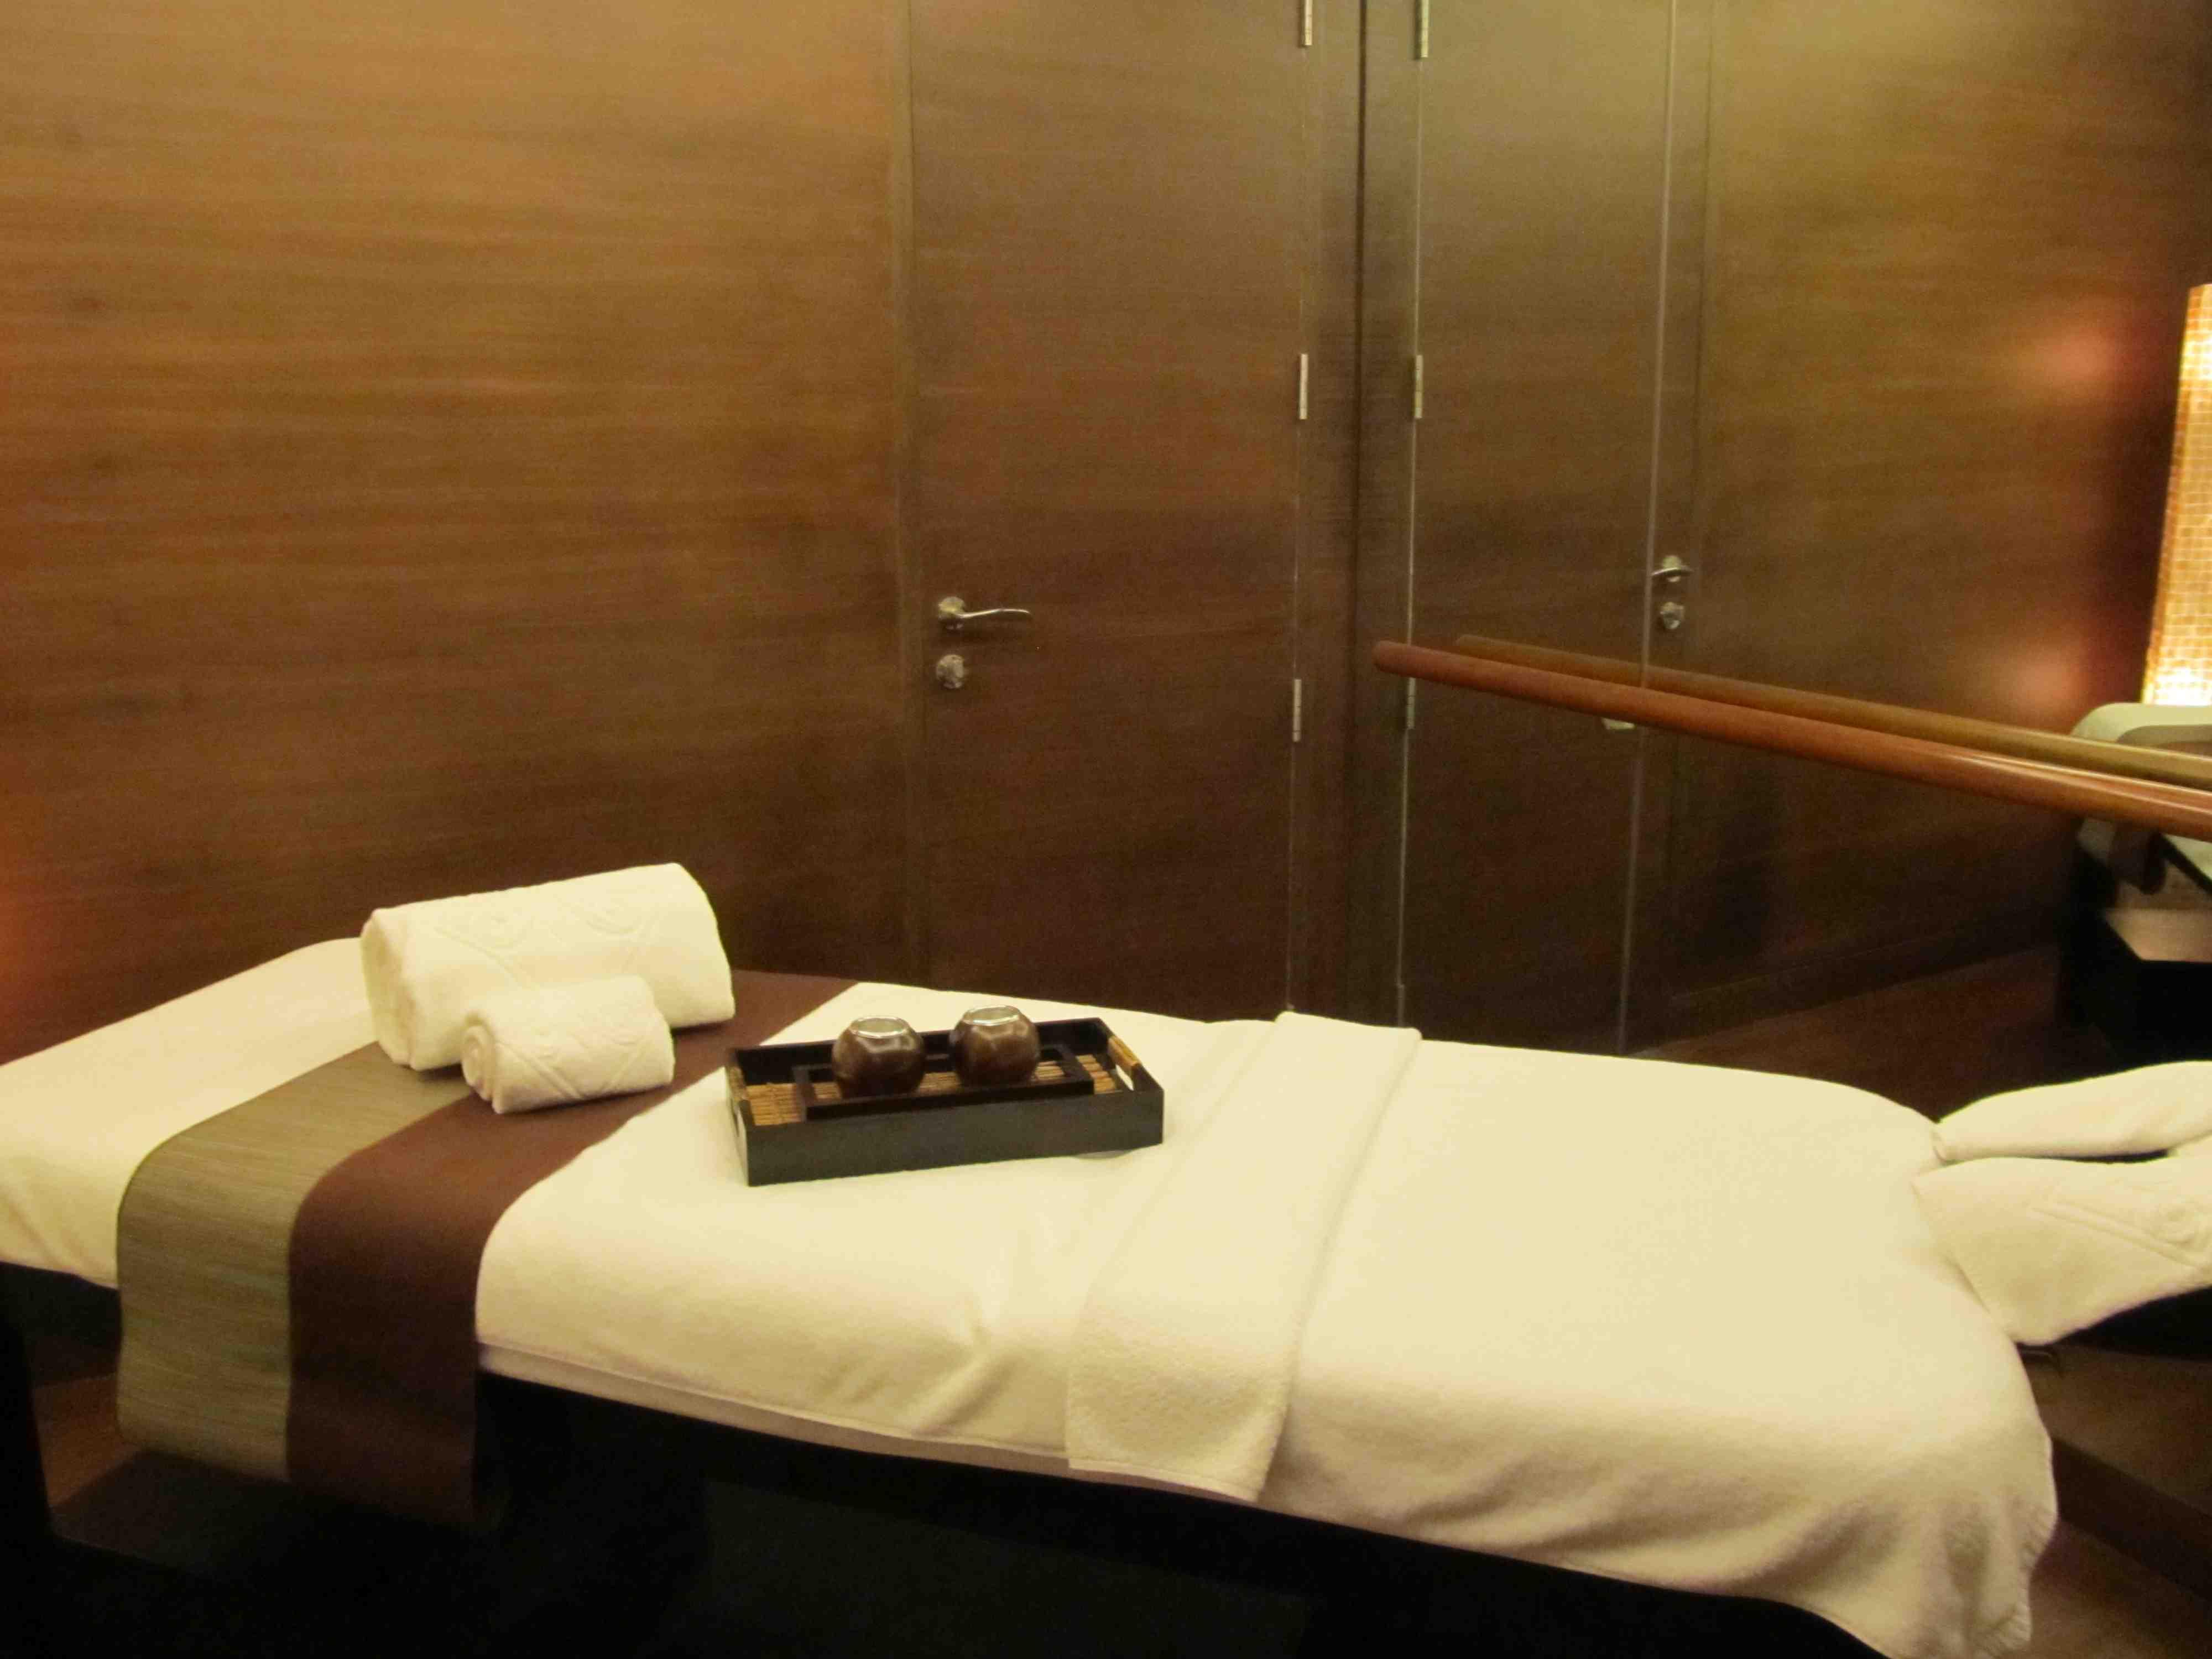 Massage room sex Nude Photos 26